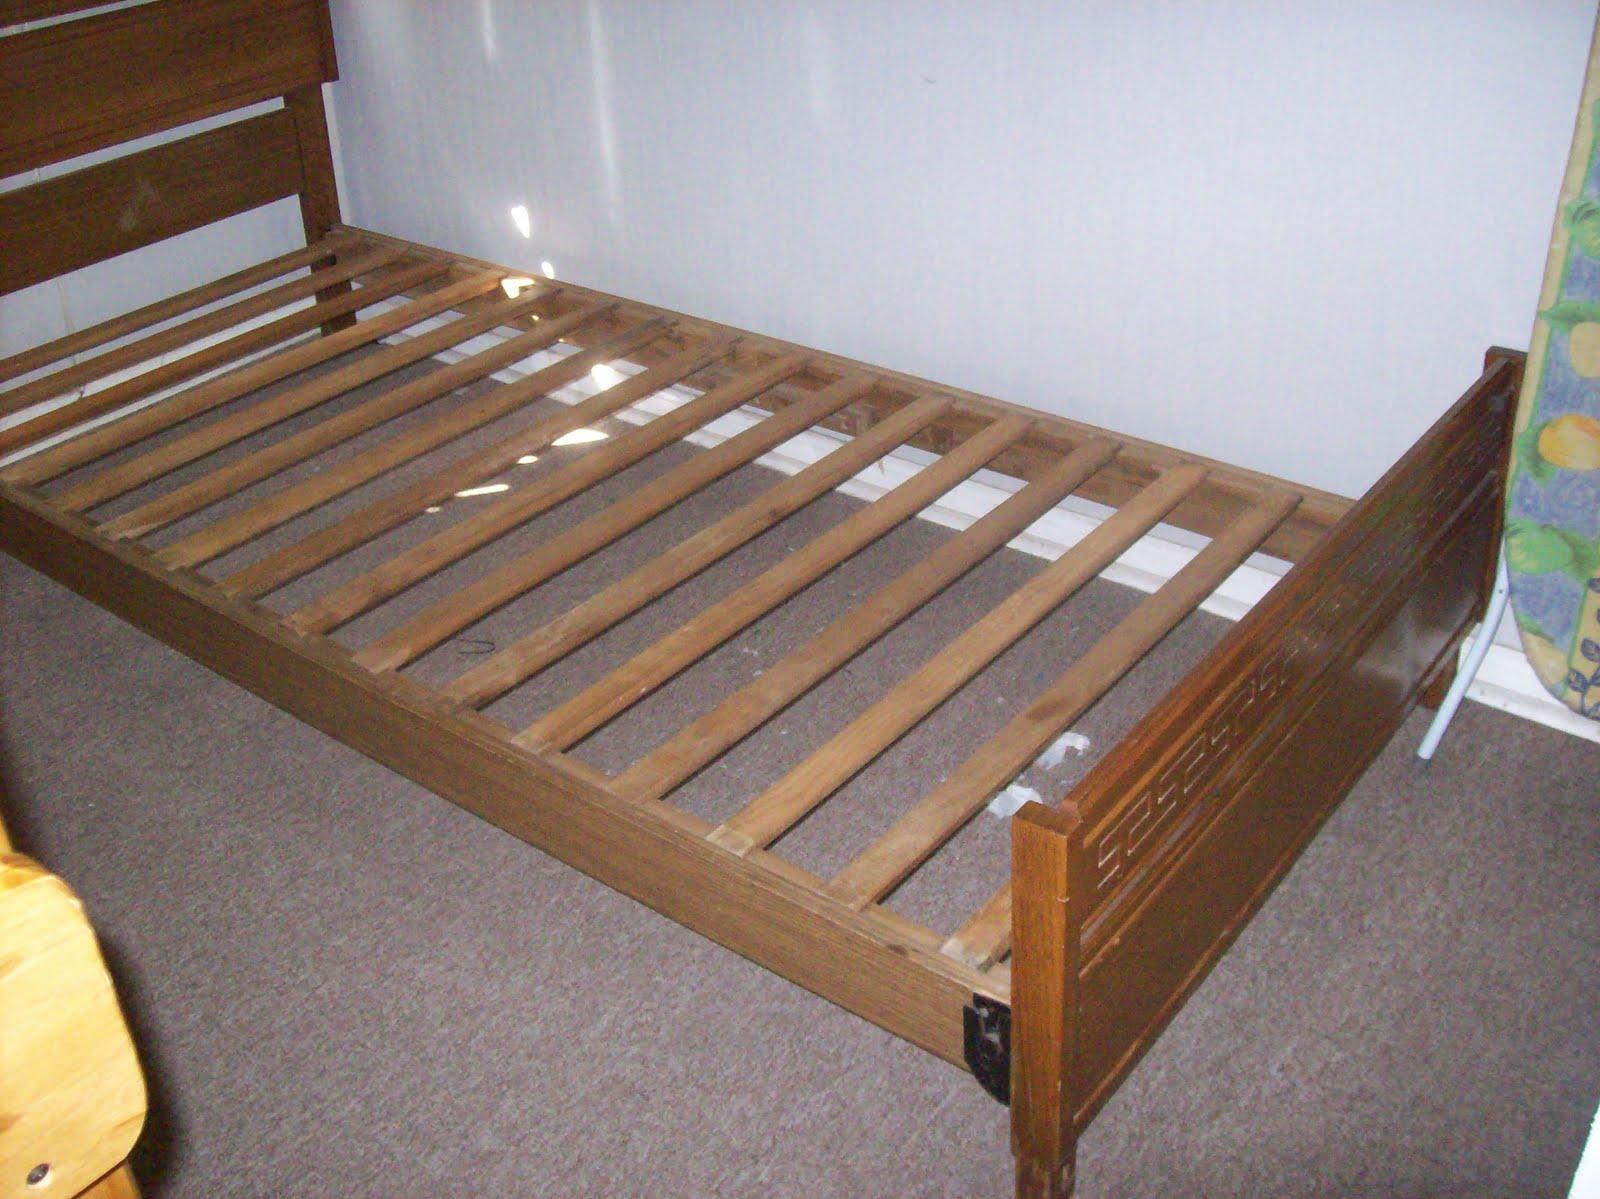 Por viaje vendo cama 1 plaza for Vendo sillon cama 1 plaza